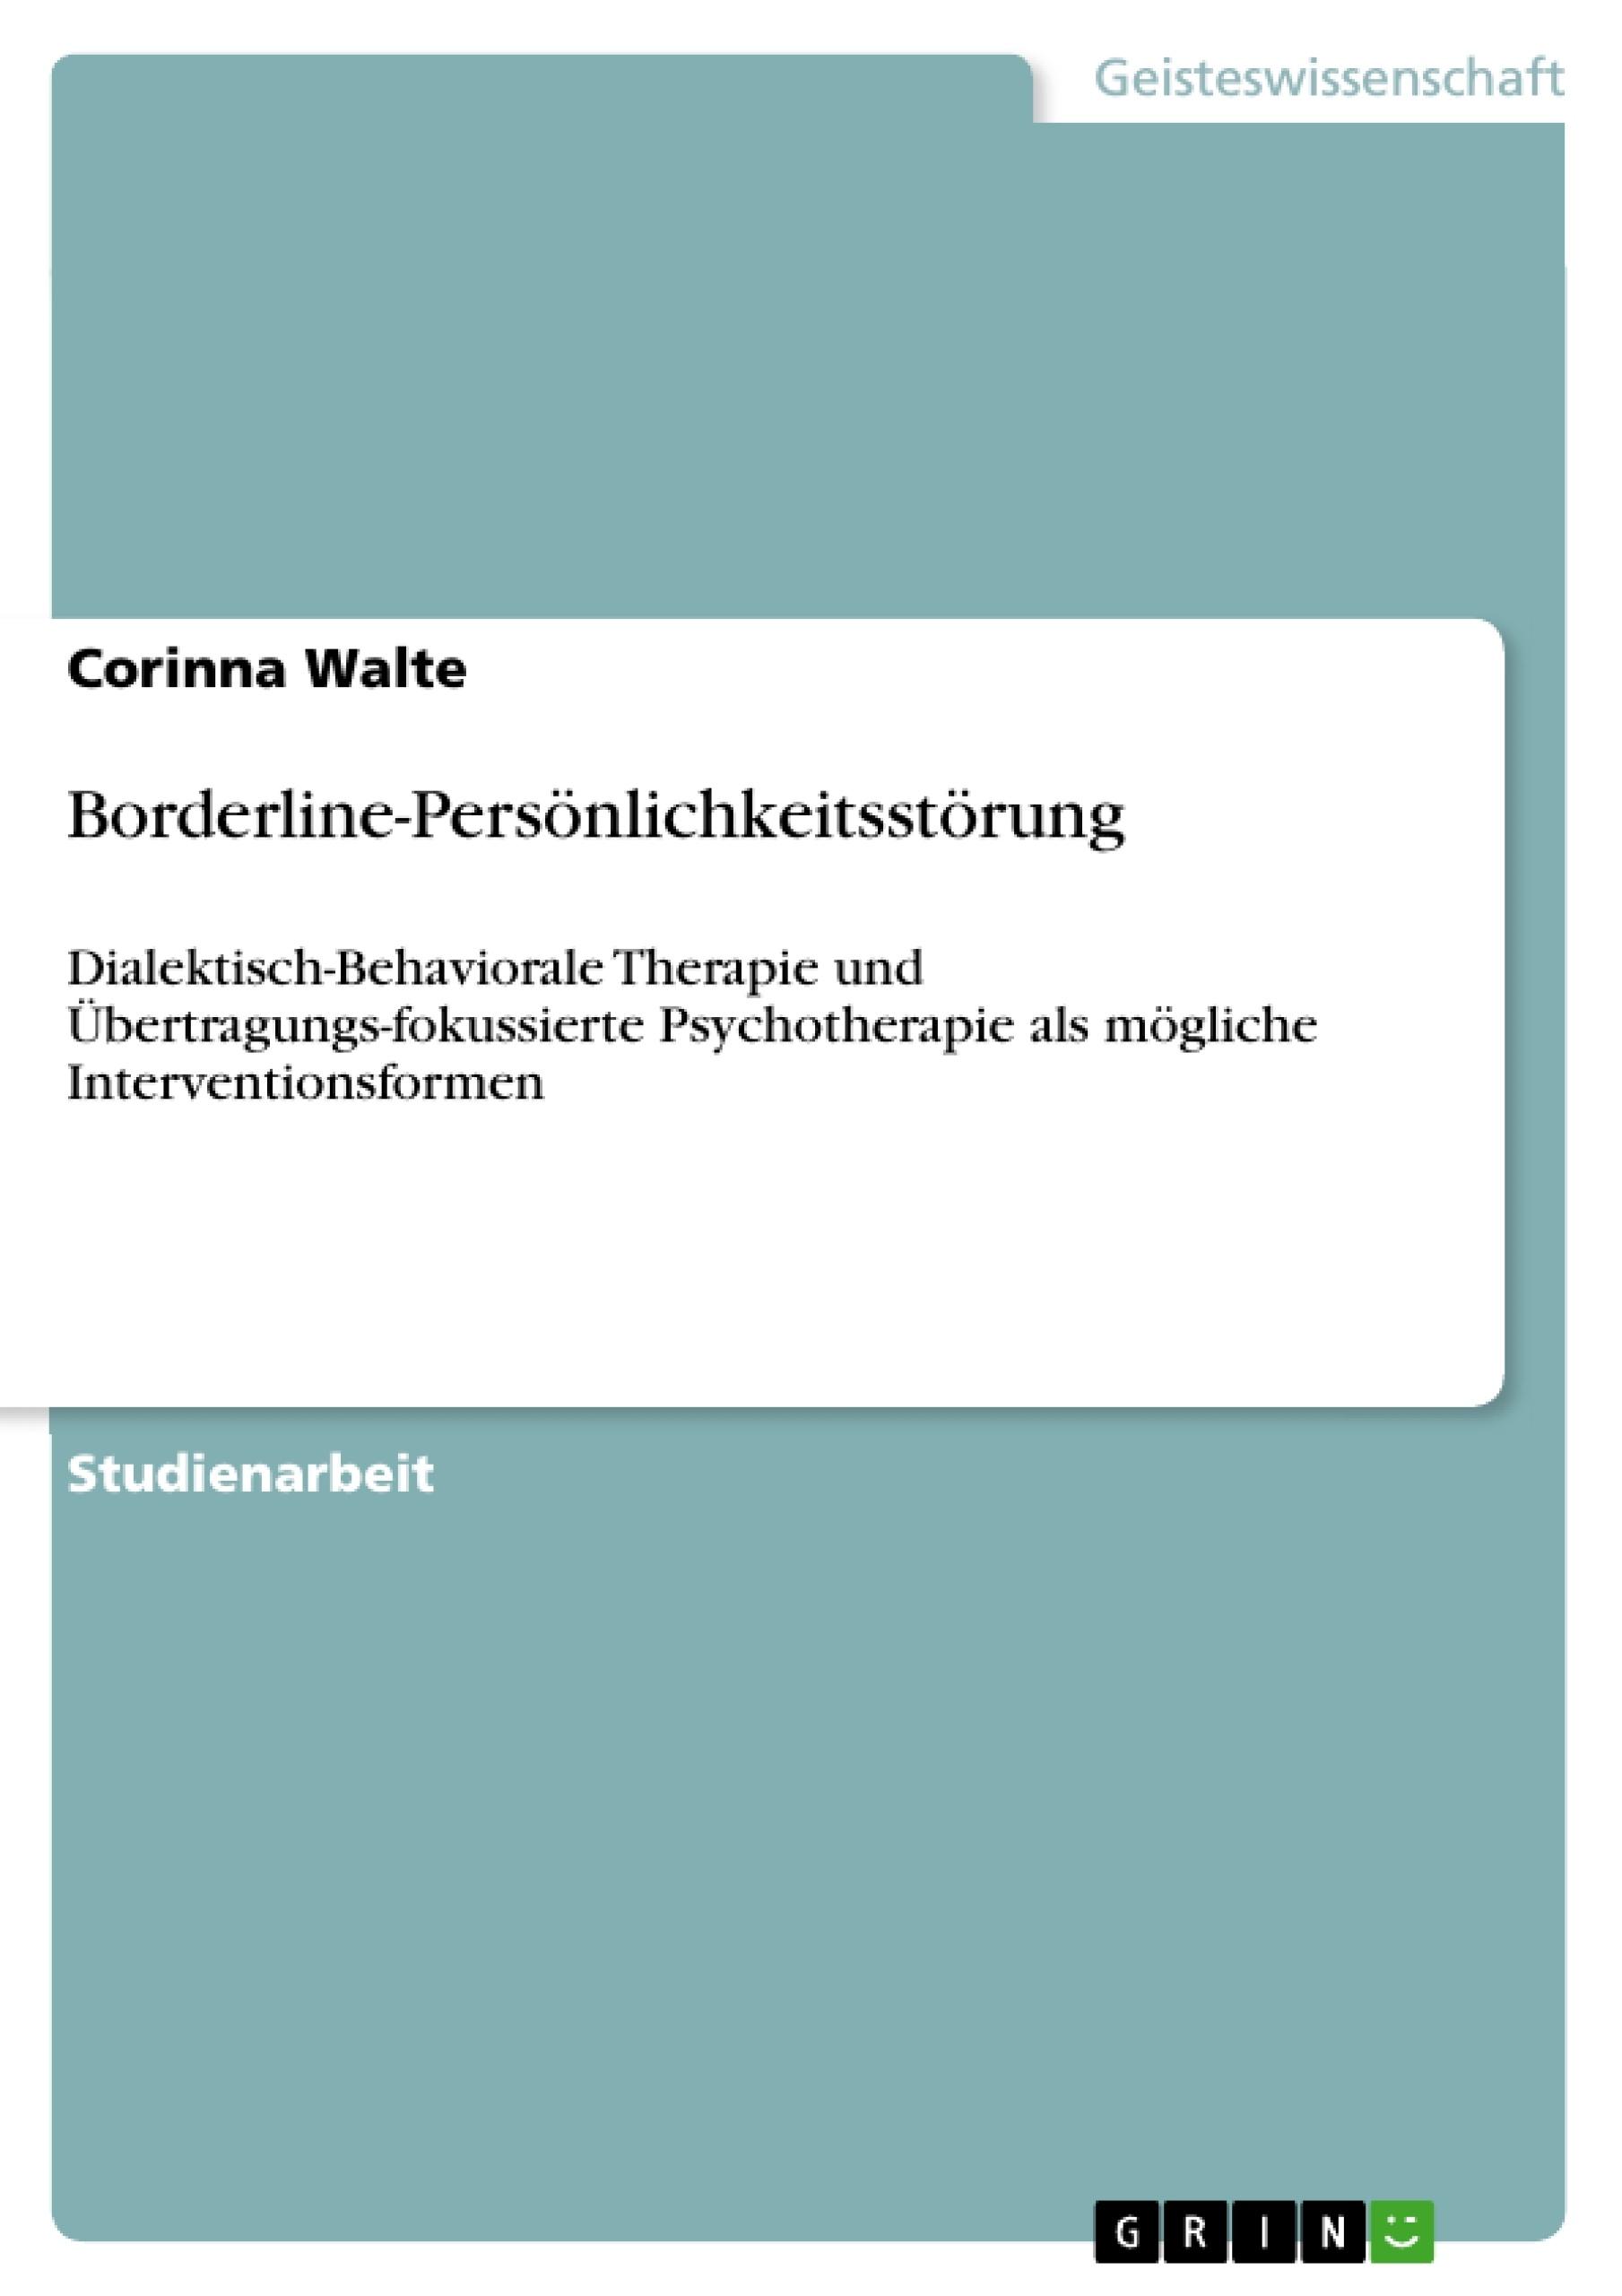 Titel: Borderline-Persönlichkeitsstörung